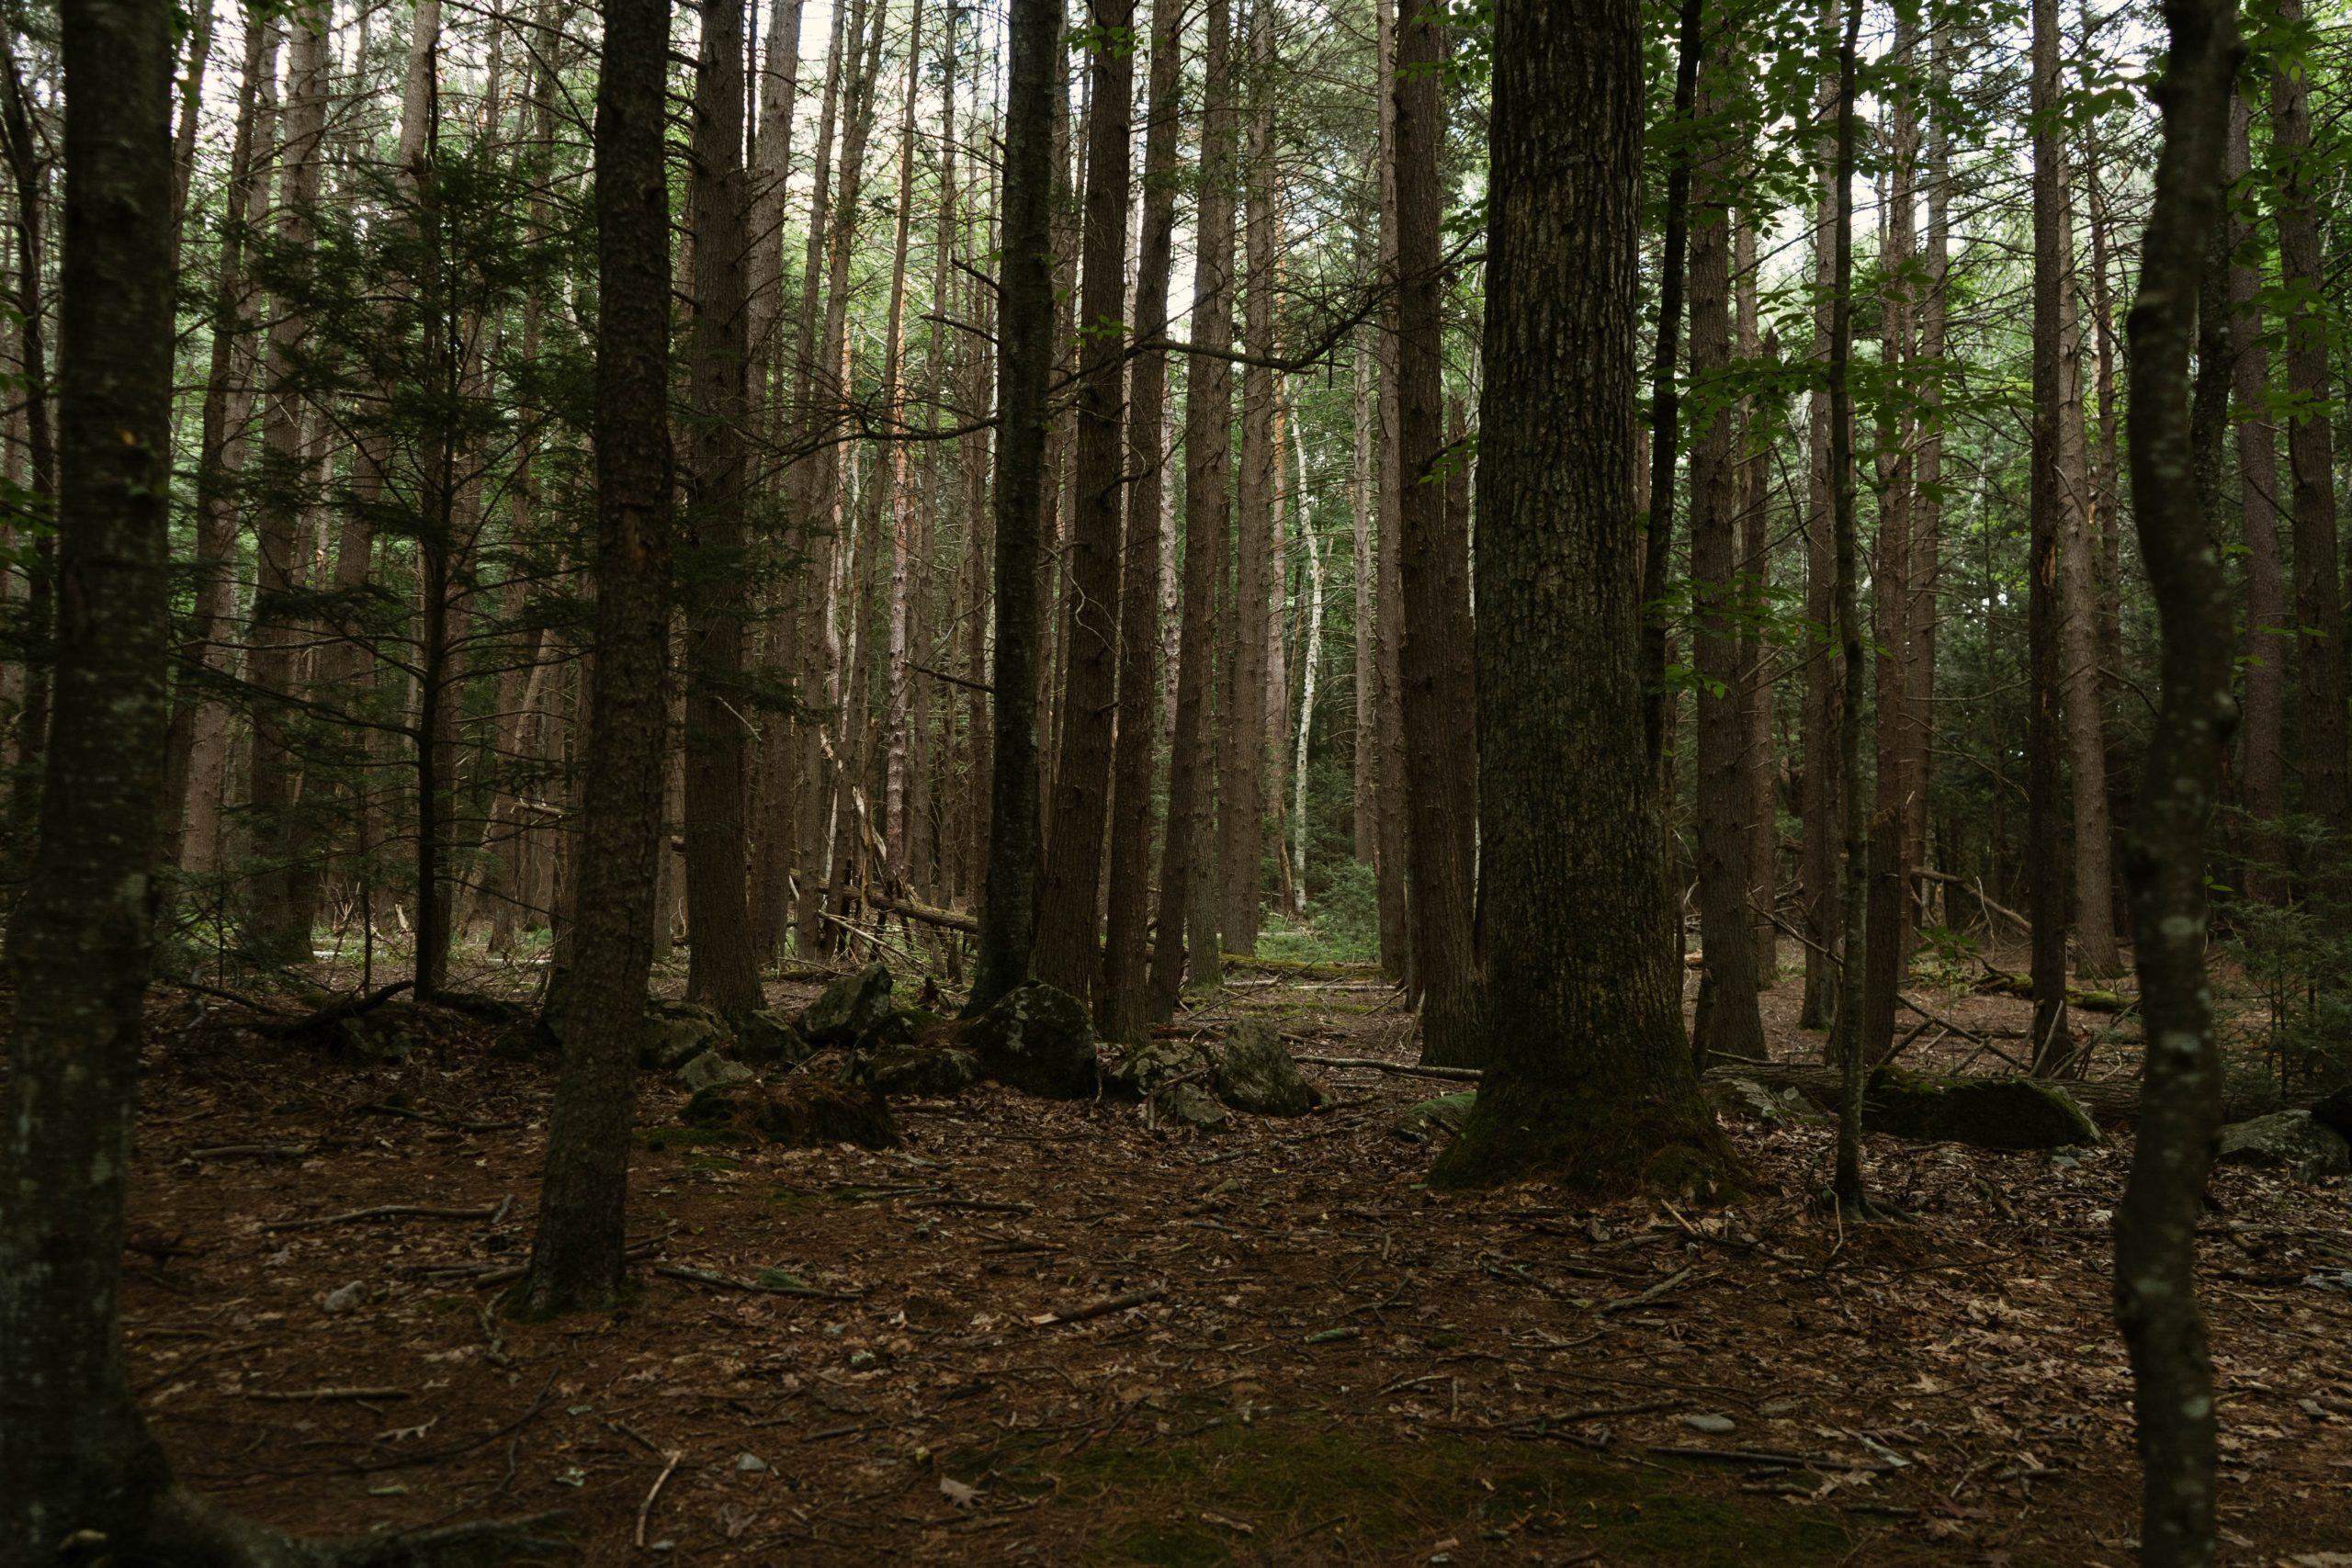 Skog med tallar och granar